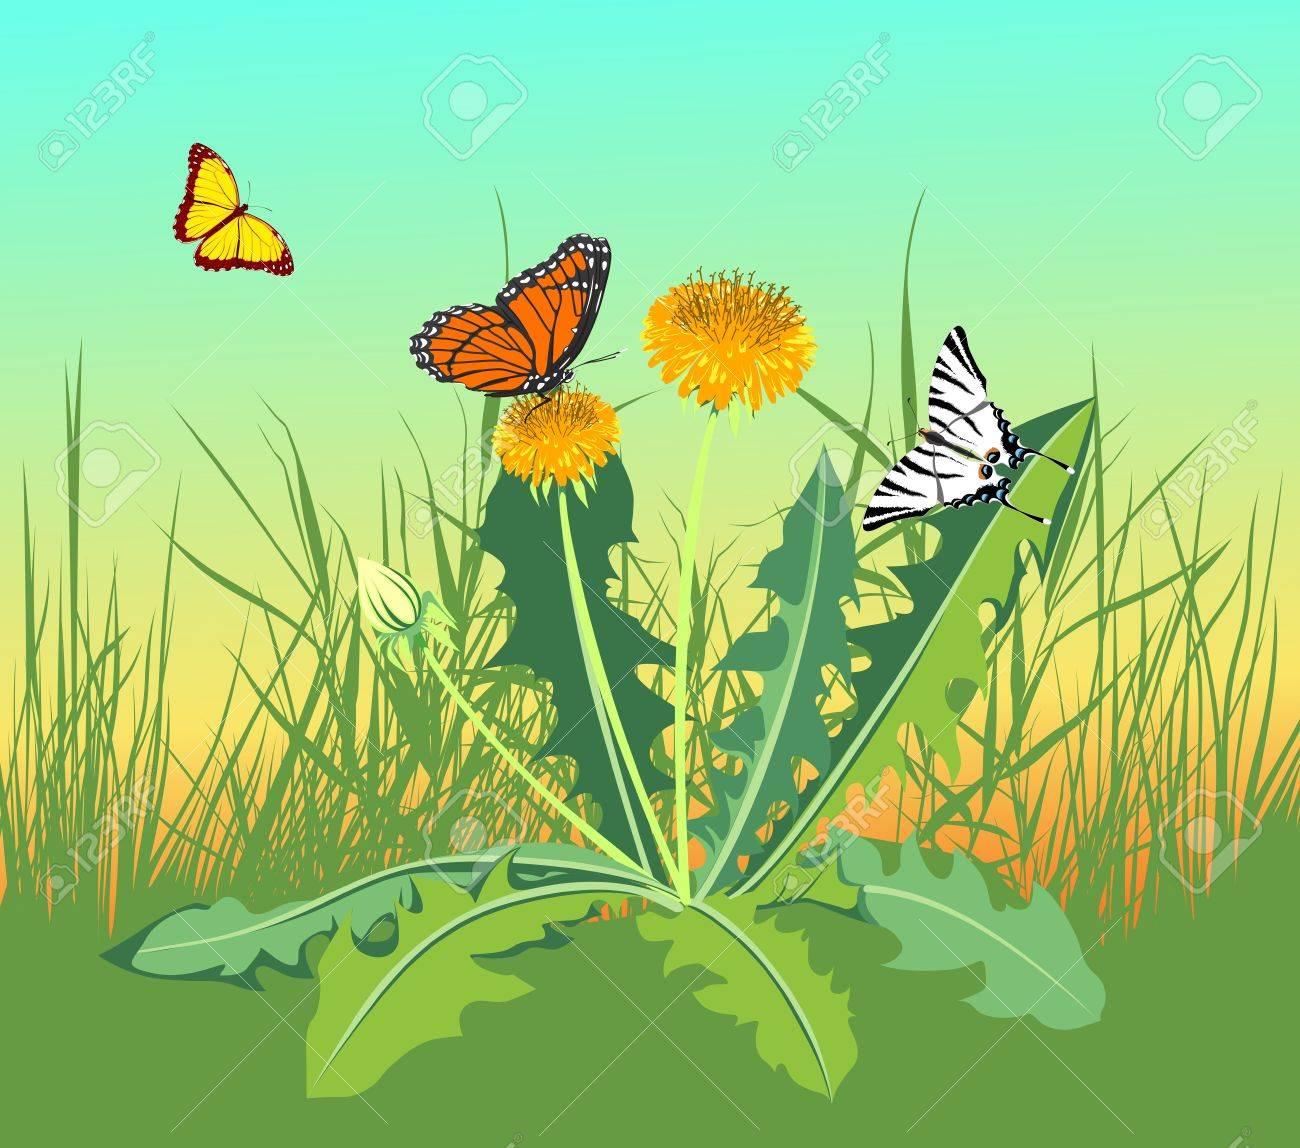 three butterflies flying in a field near the dandelions Stock Vector - 13921285